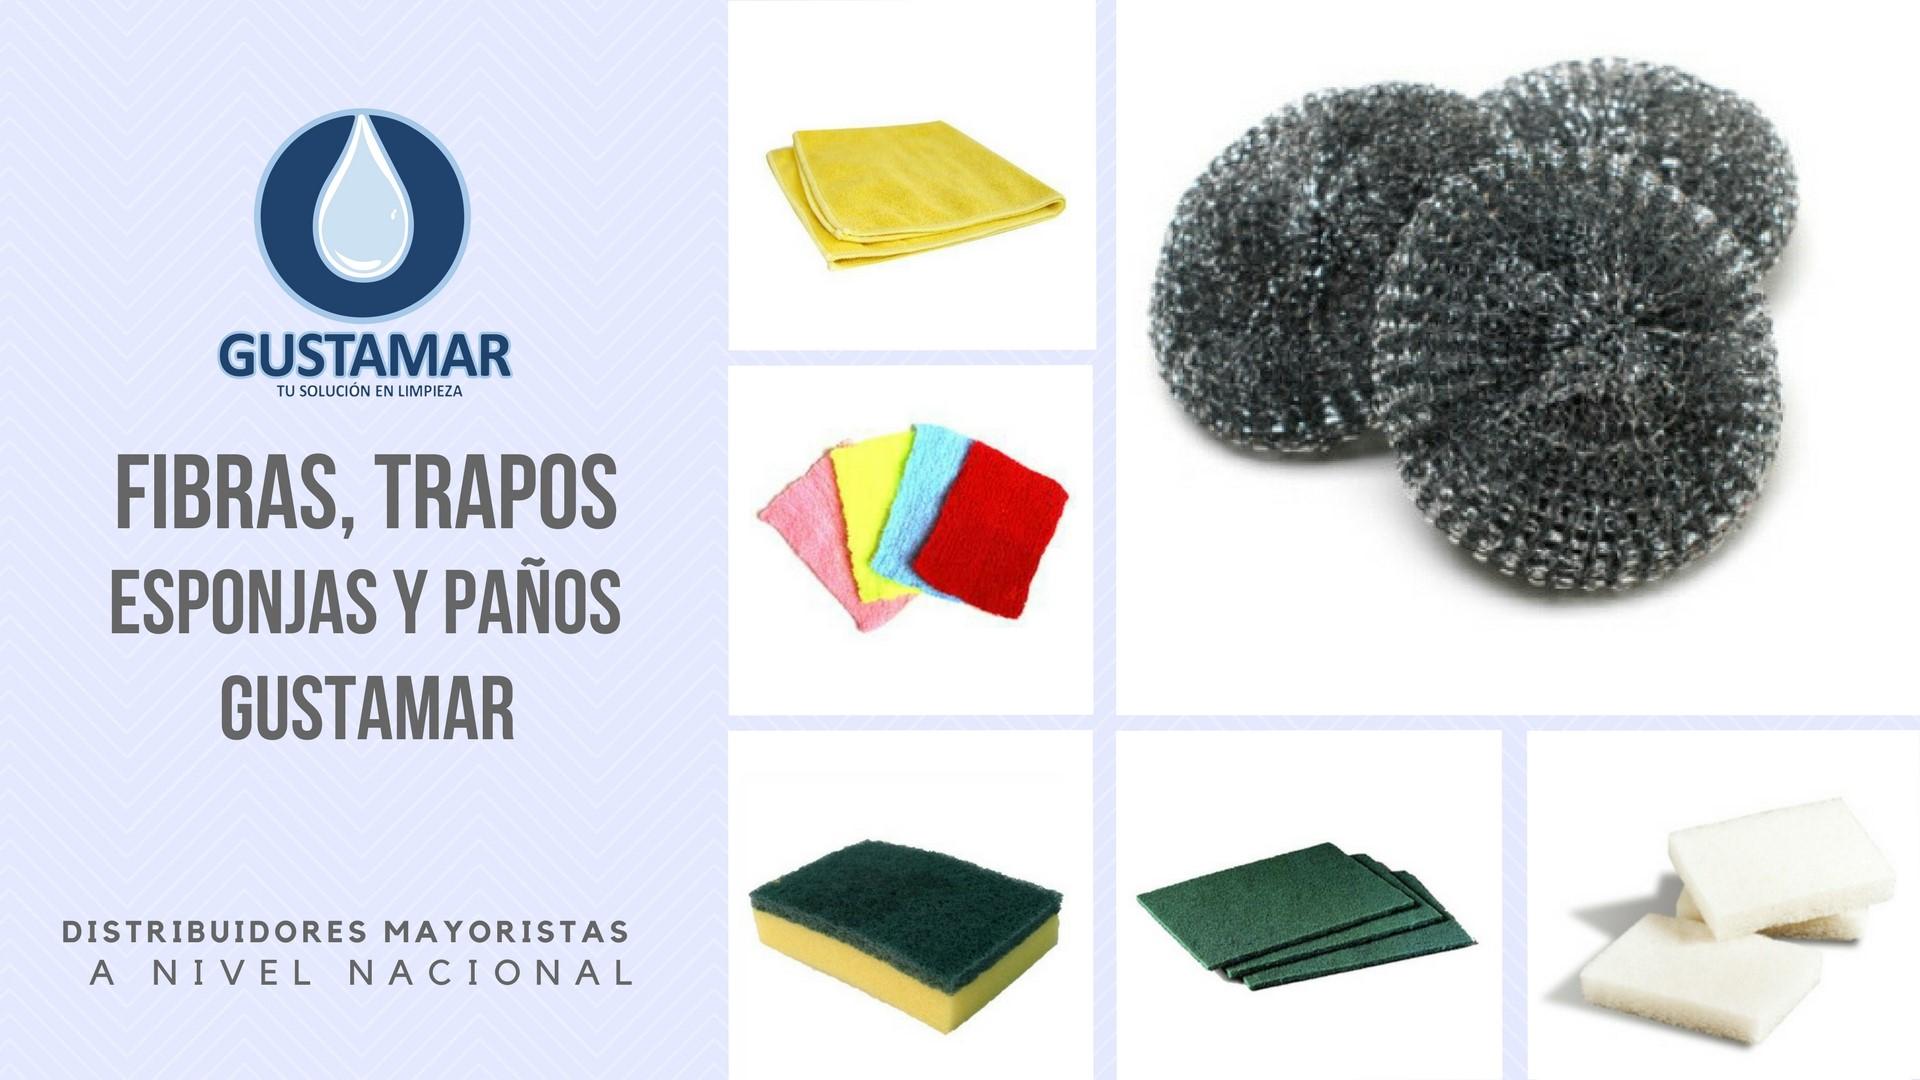 FIBRAS, TRAPOS, ESPONJAS Y PAÑOS